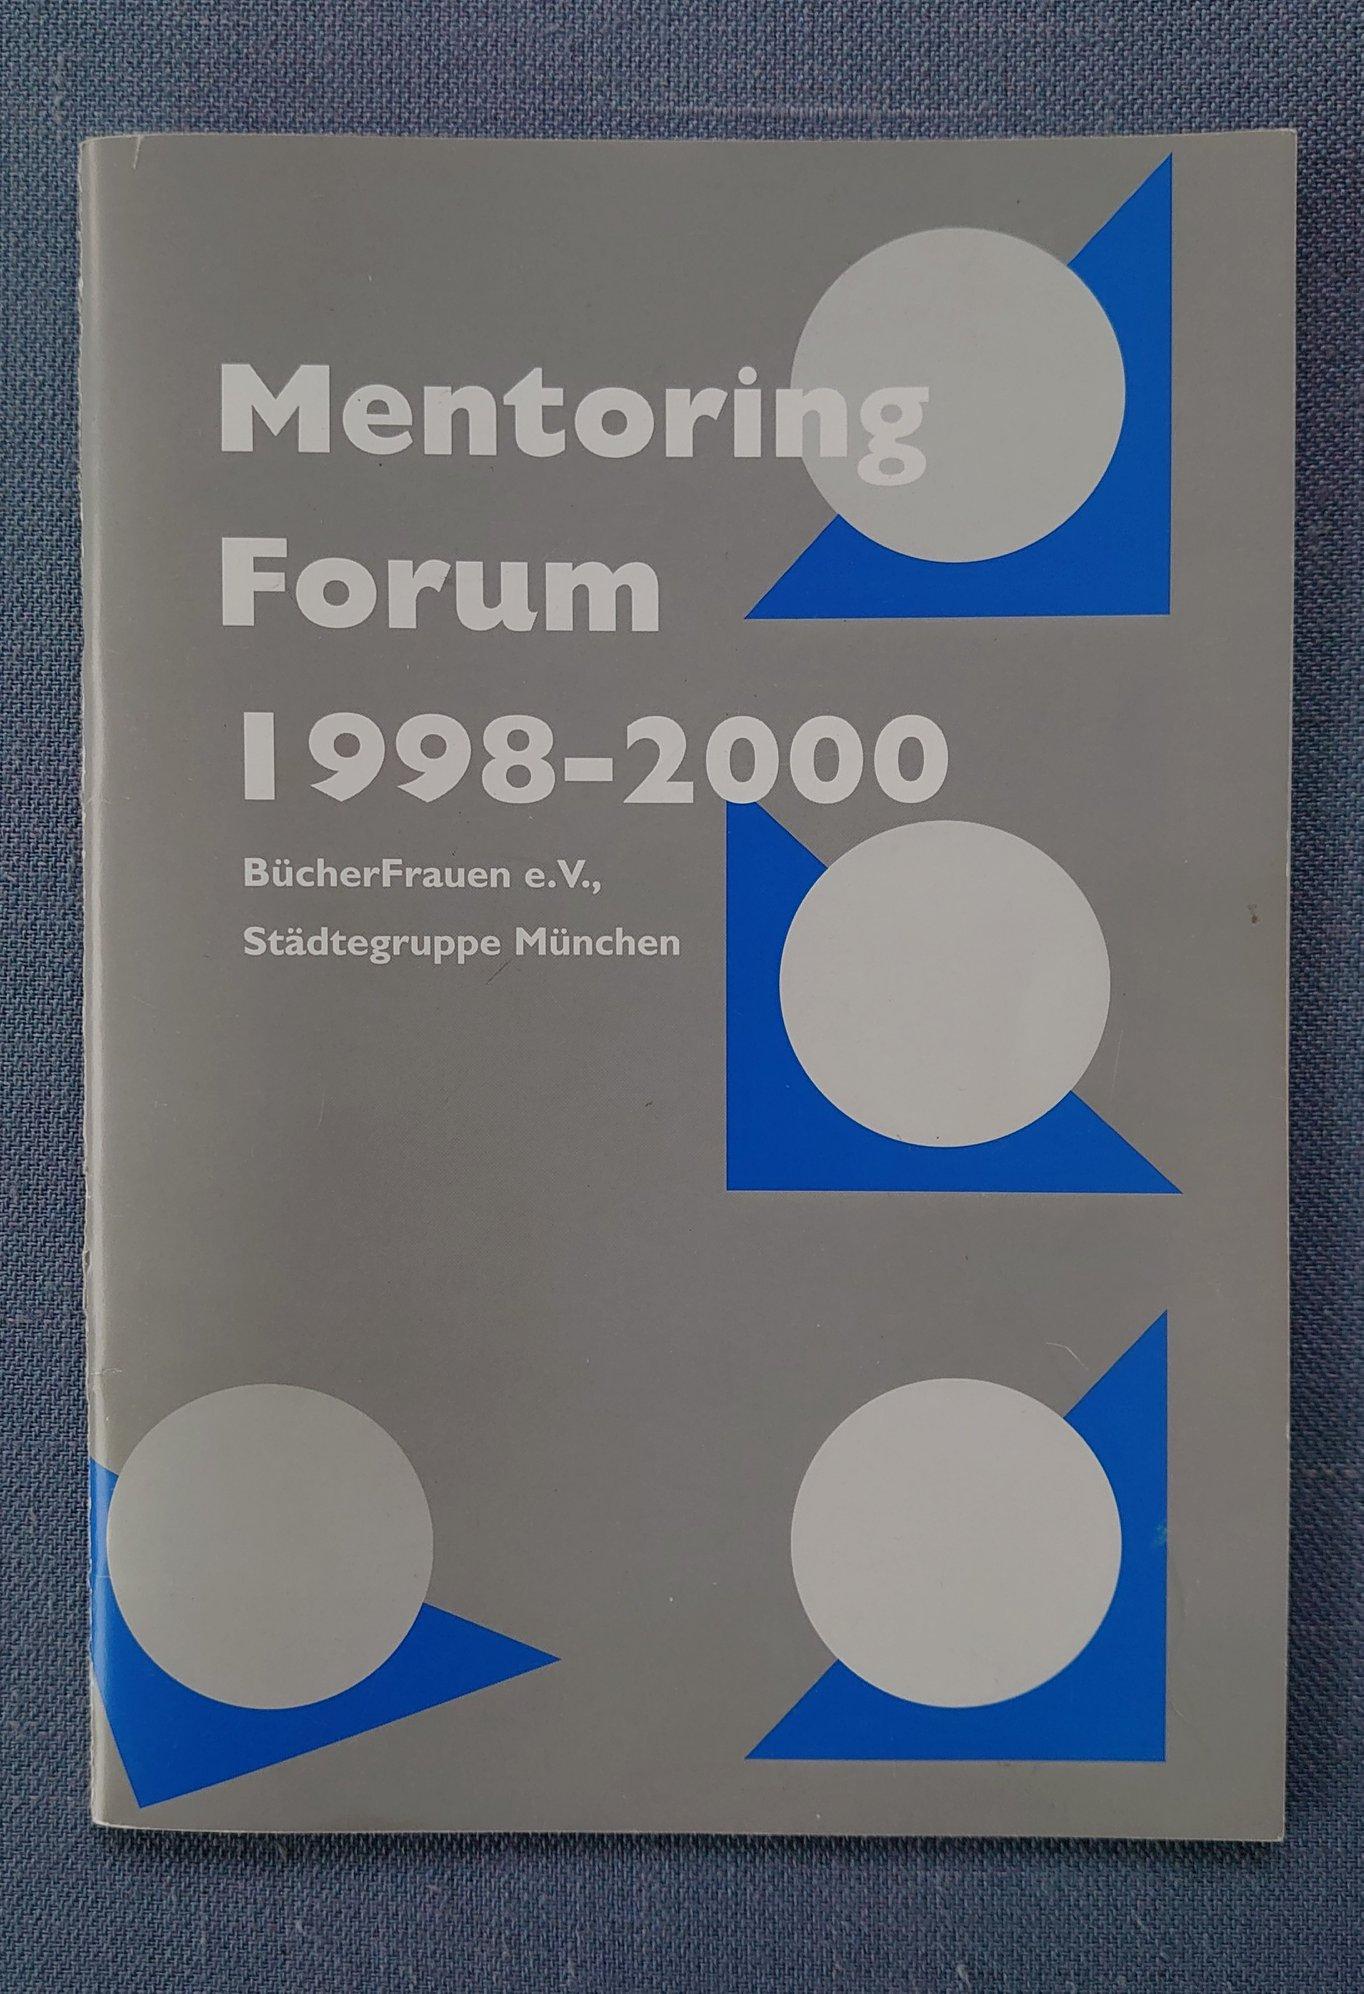 Mentoringforum München